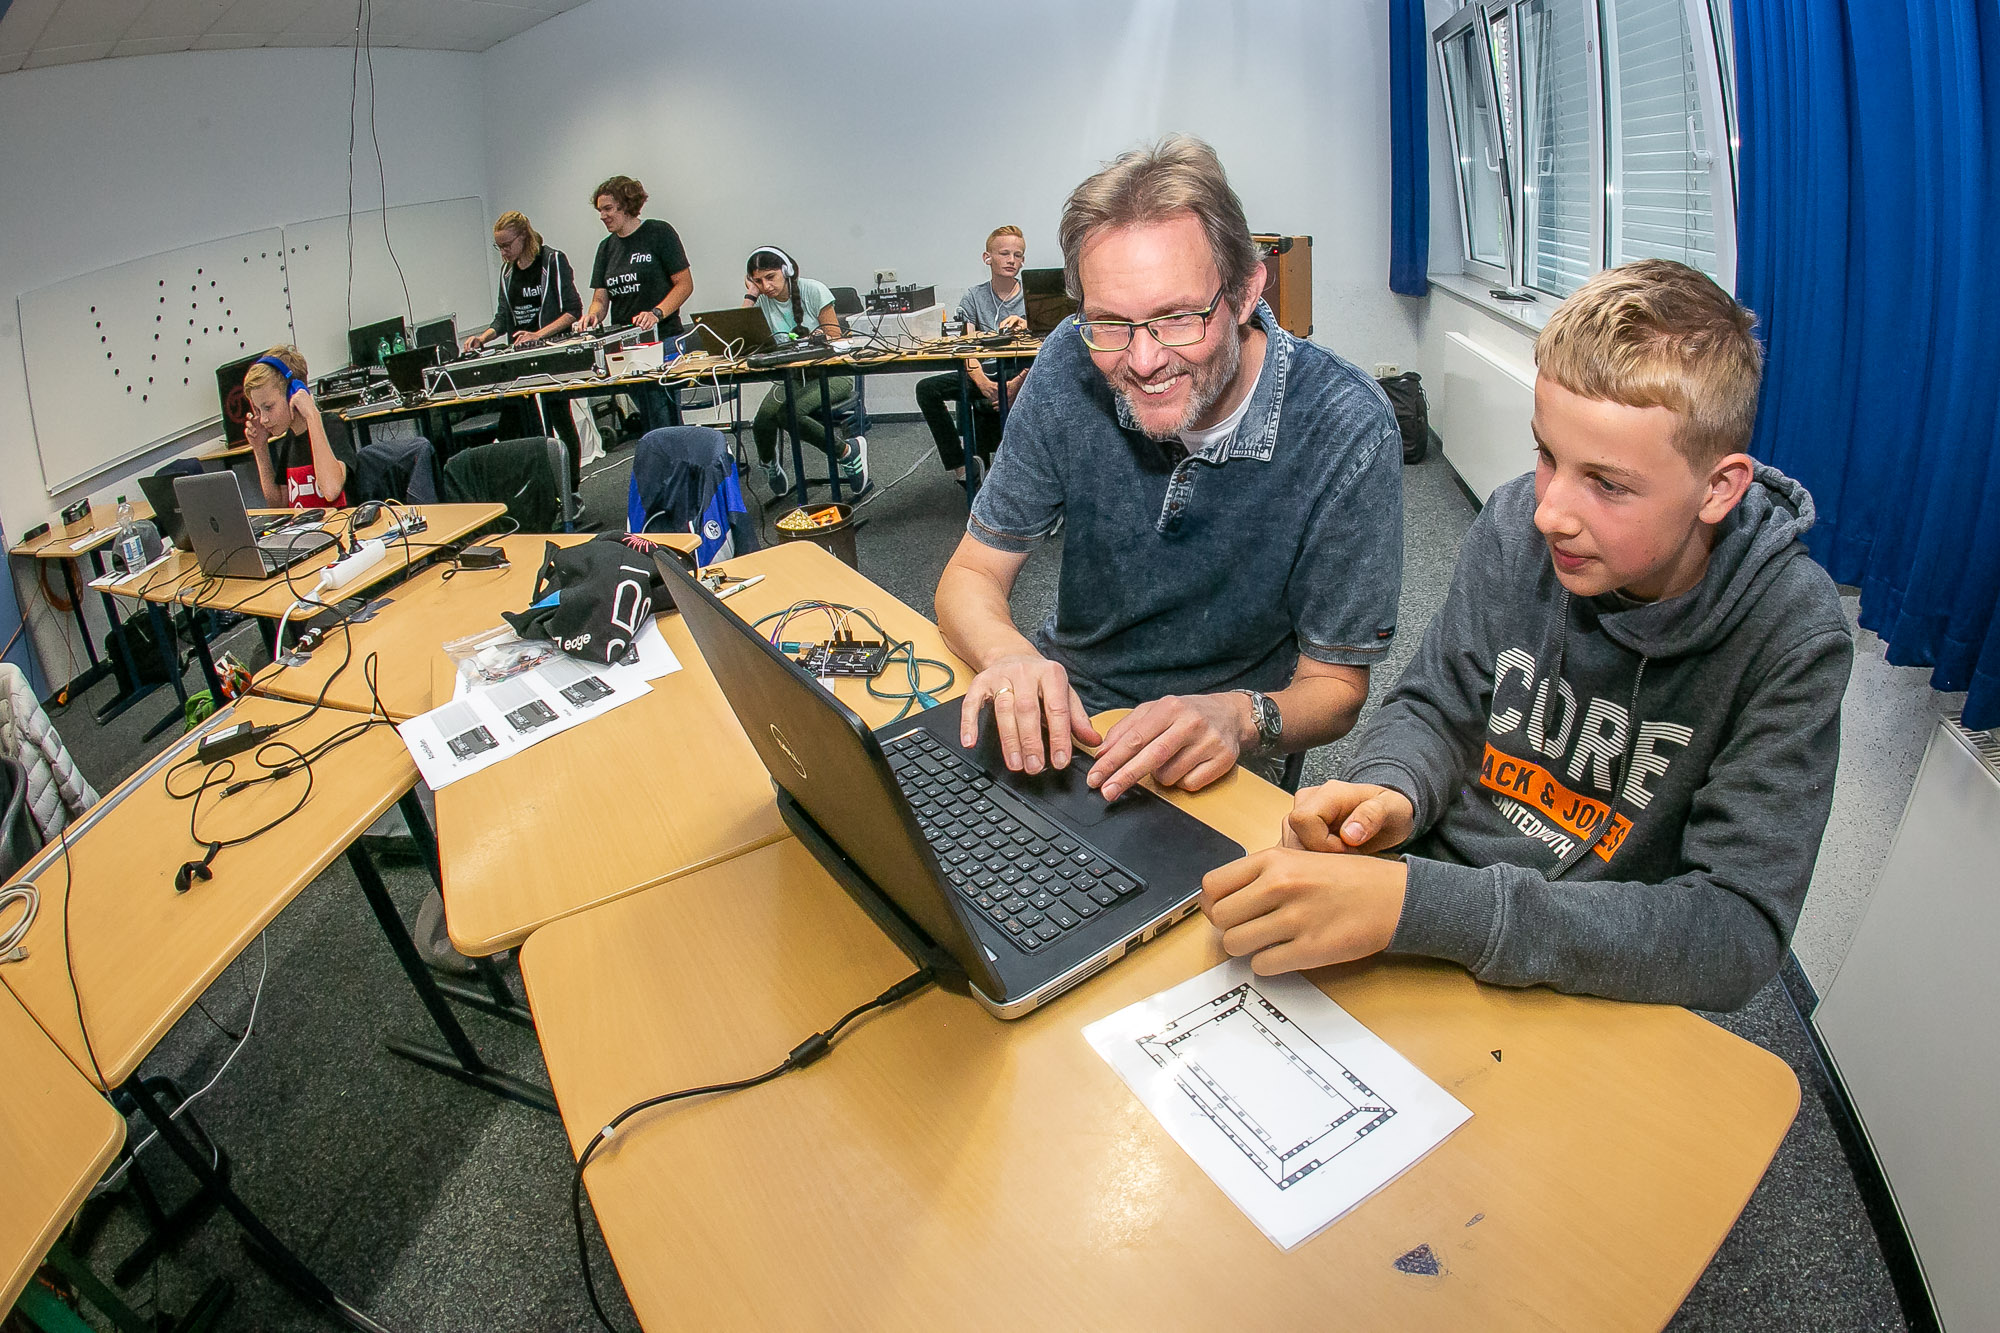 Projektwoche Ratsgymnasium Rheda-Wiedenbrück 2019